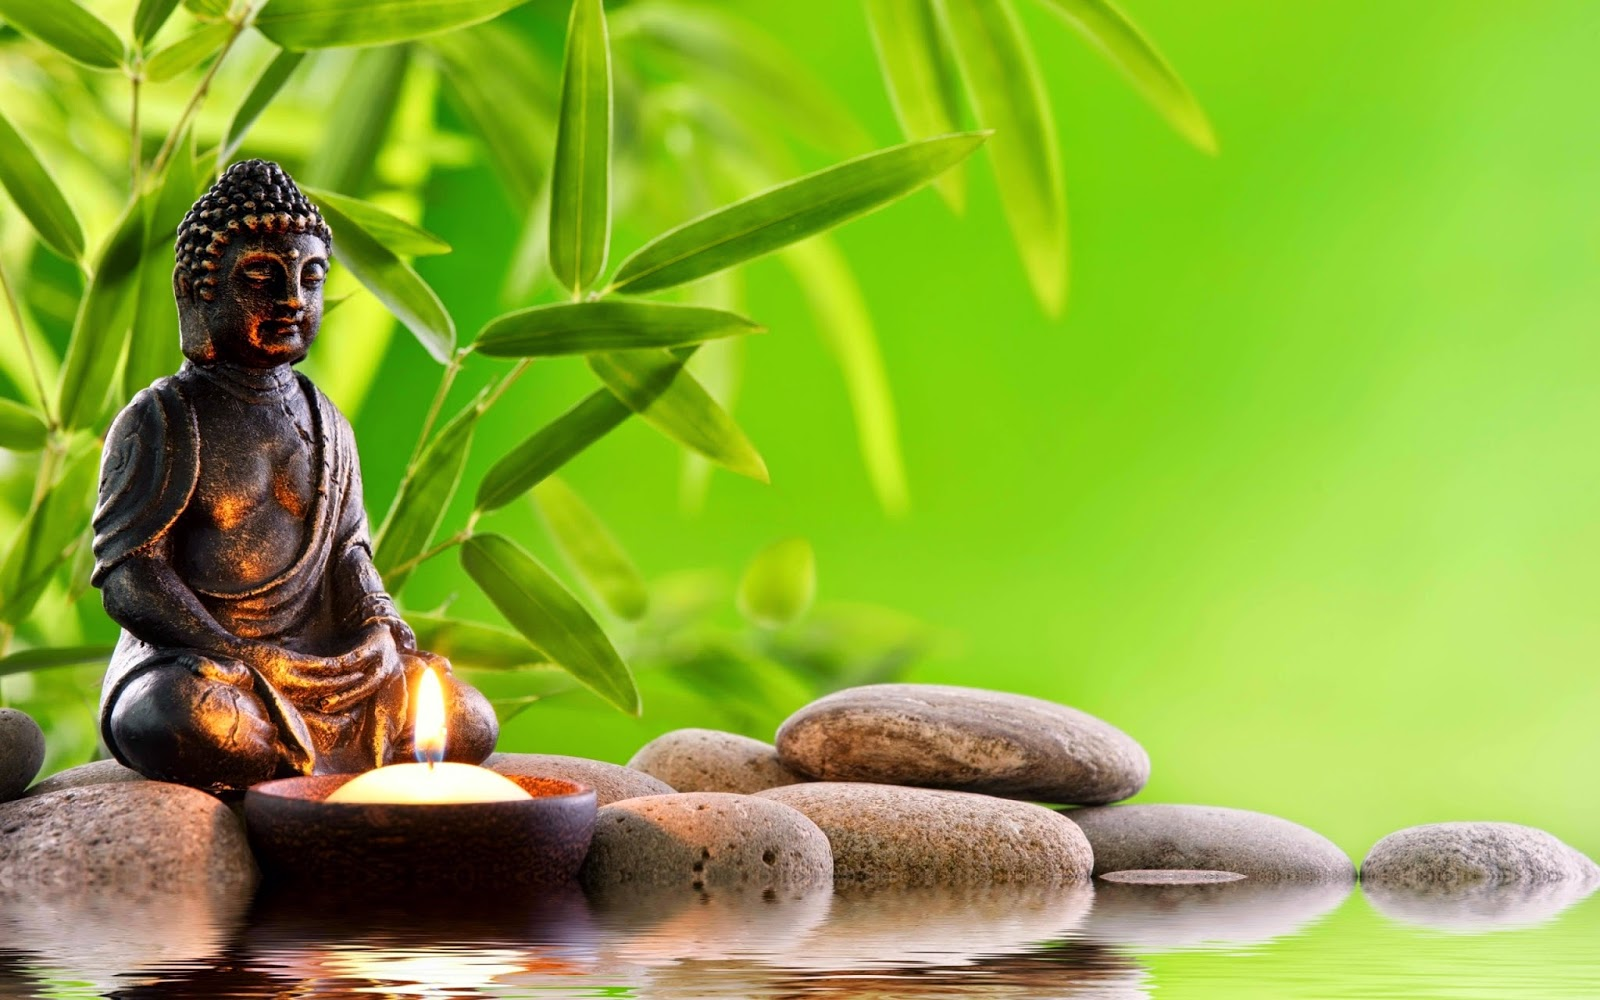 Hd wallpaper zen - Buddha Zen Style Meditation Candle Rock Images Jpg